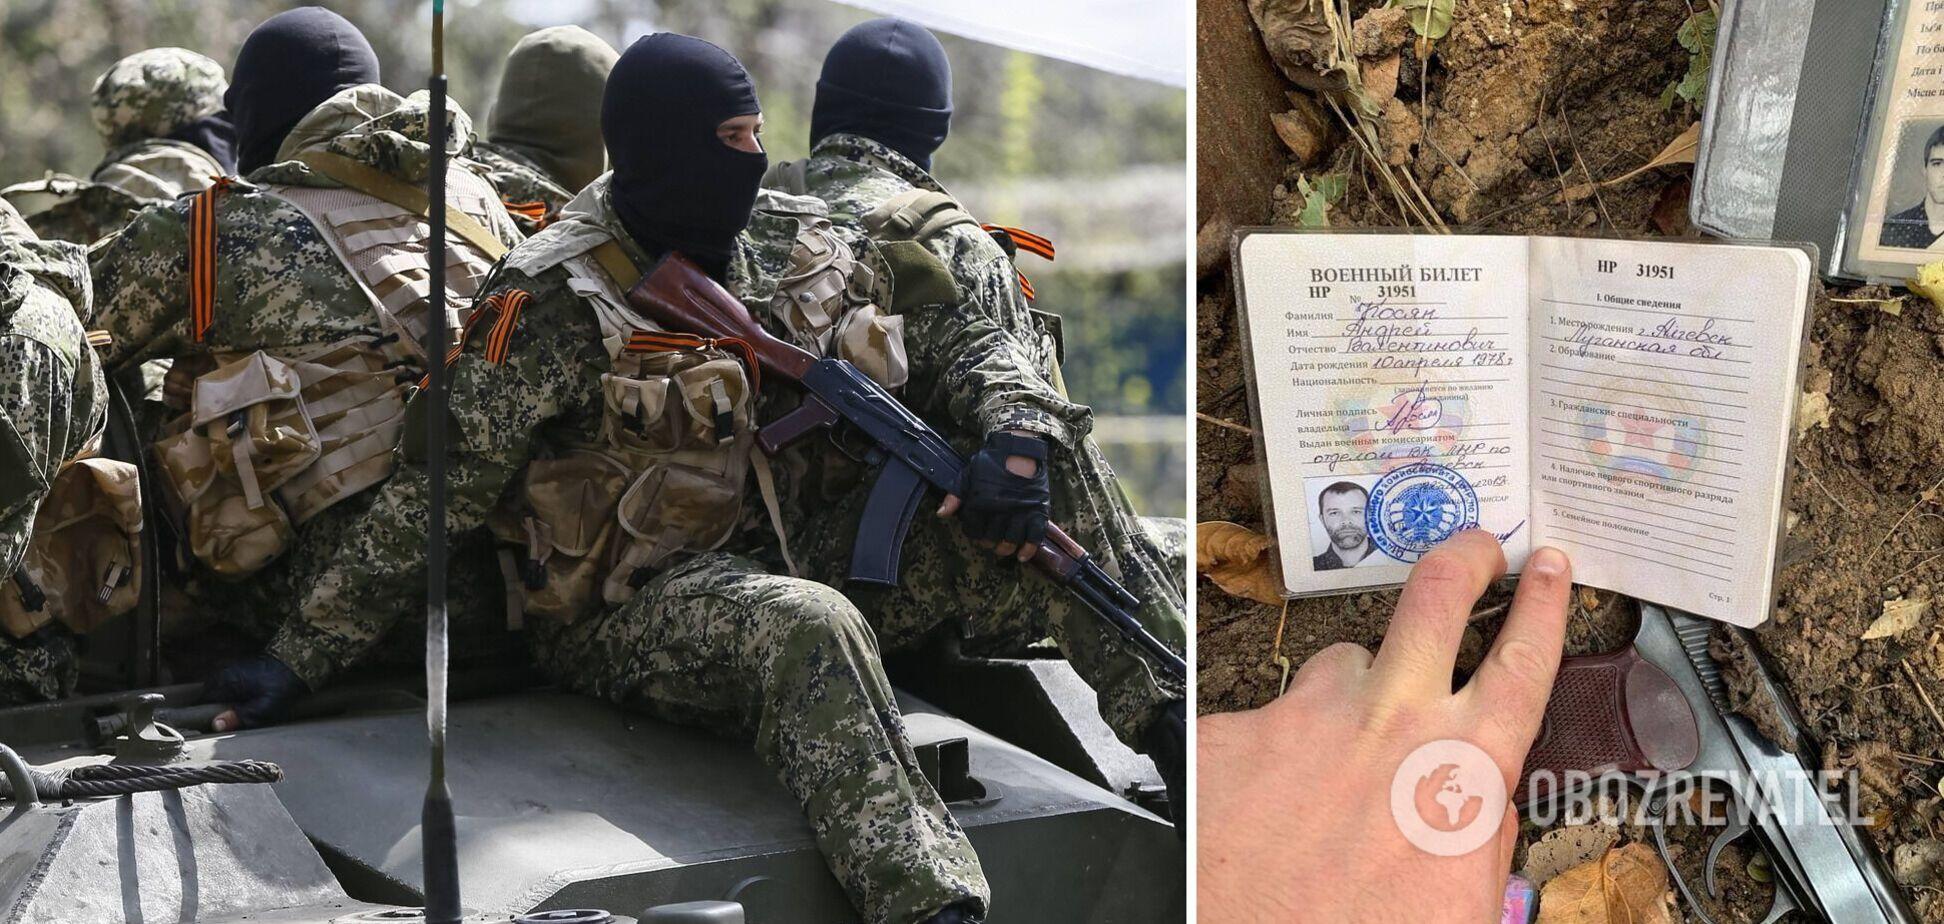 На Донбасі затримали бойовика з паспортом РФ: в Україні його підозрюють у вбивстві. Фото